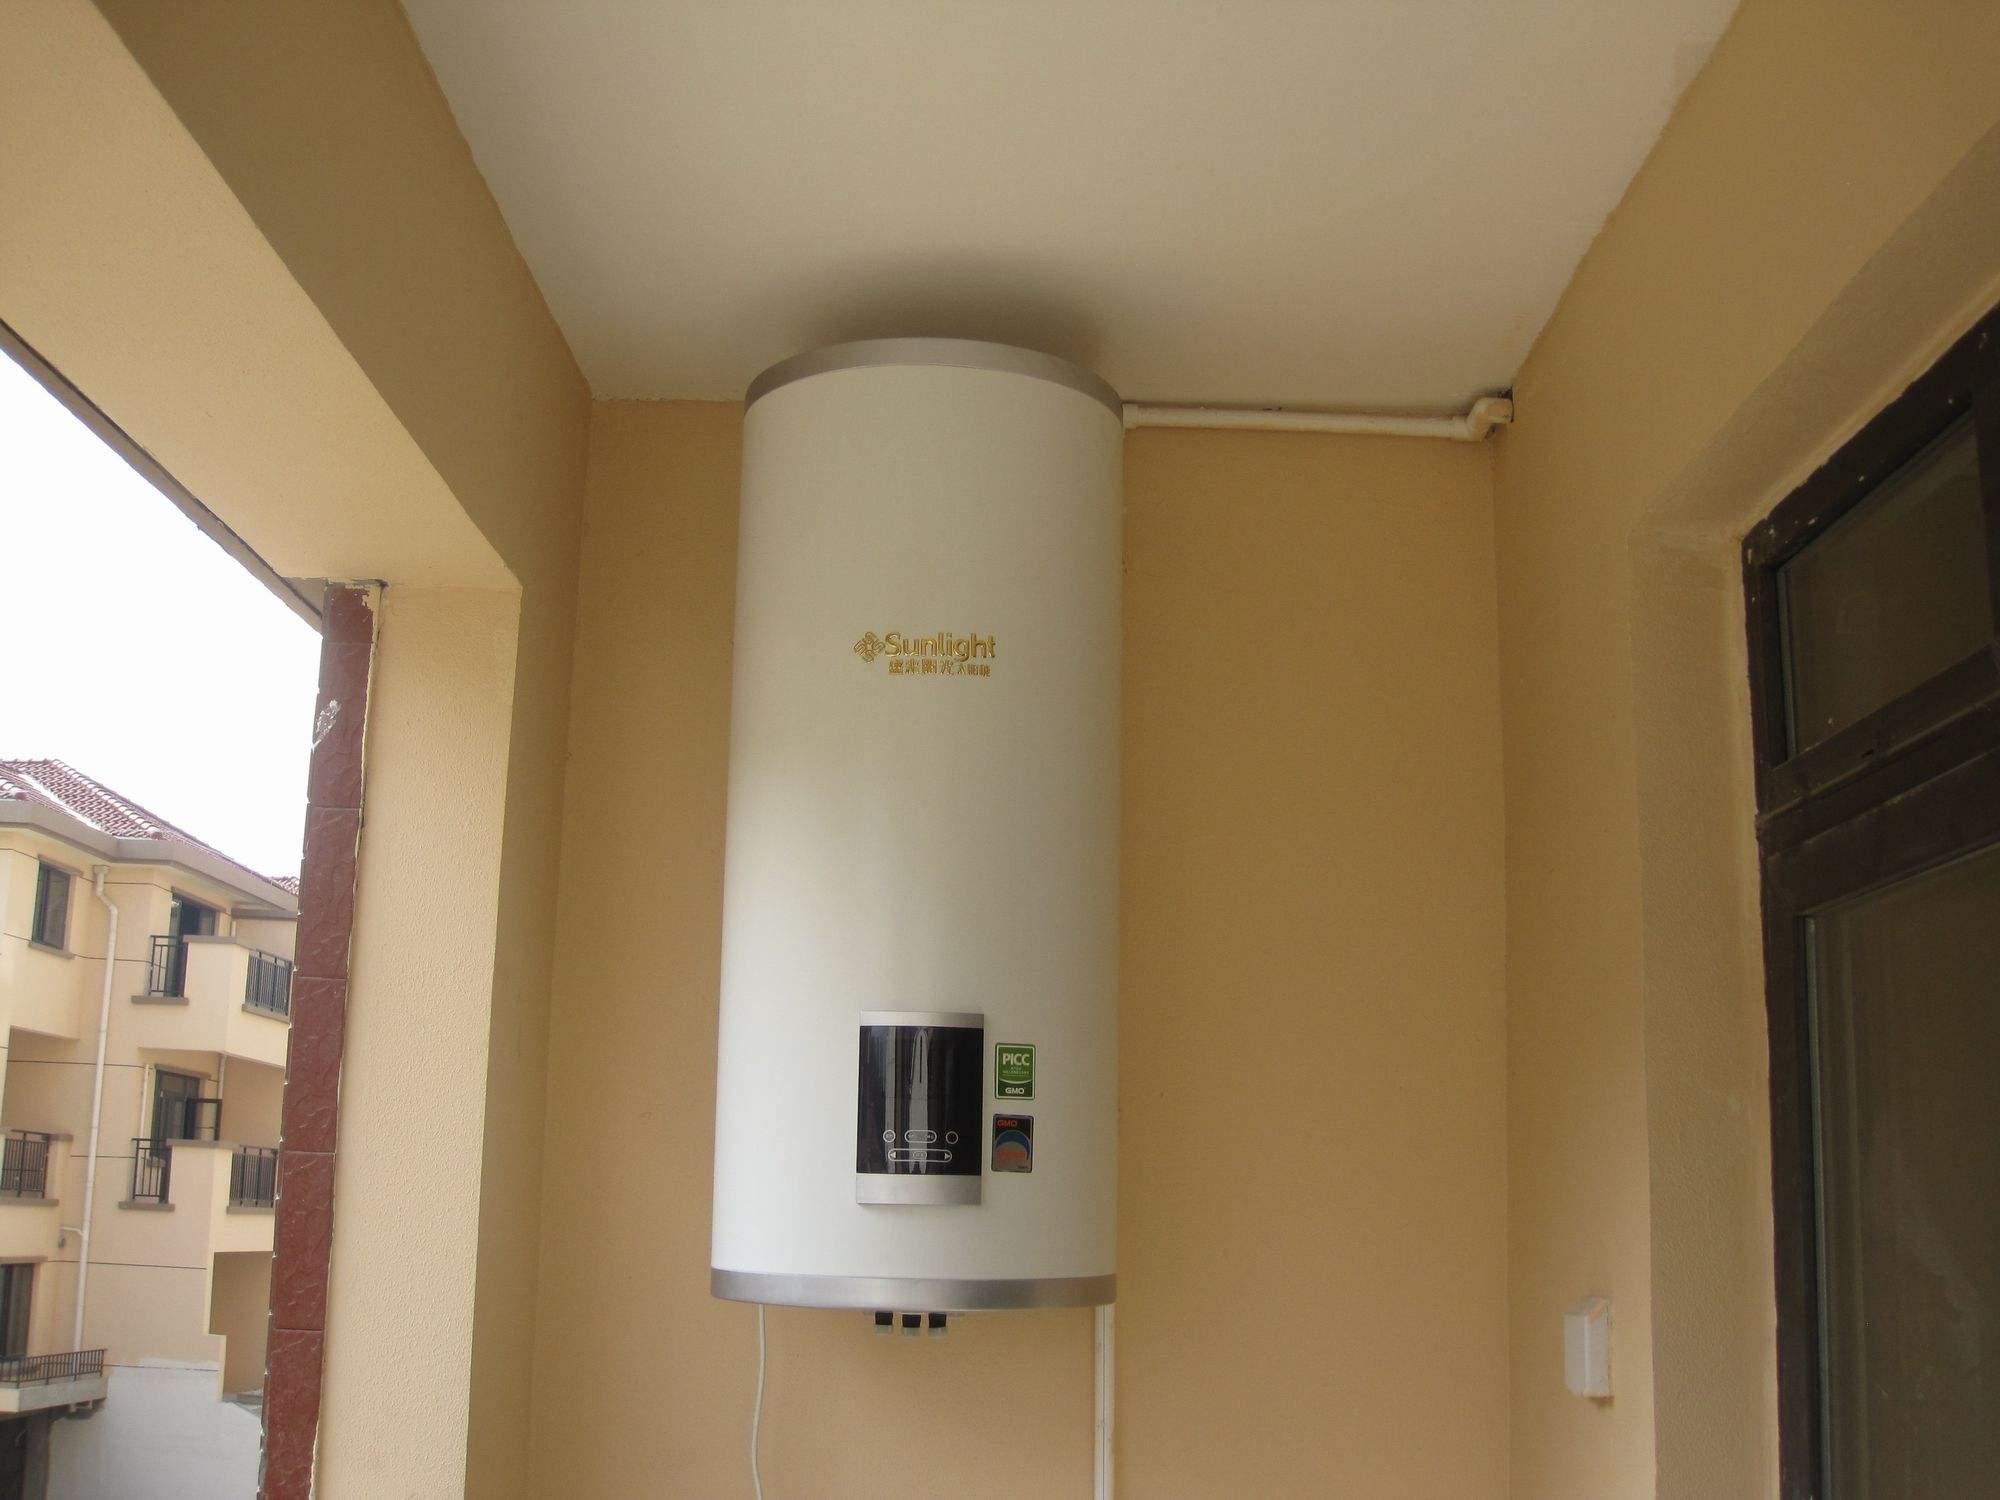 壁挂式太阳能热水器怎样—壁挂式太阳能热水器如何呢